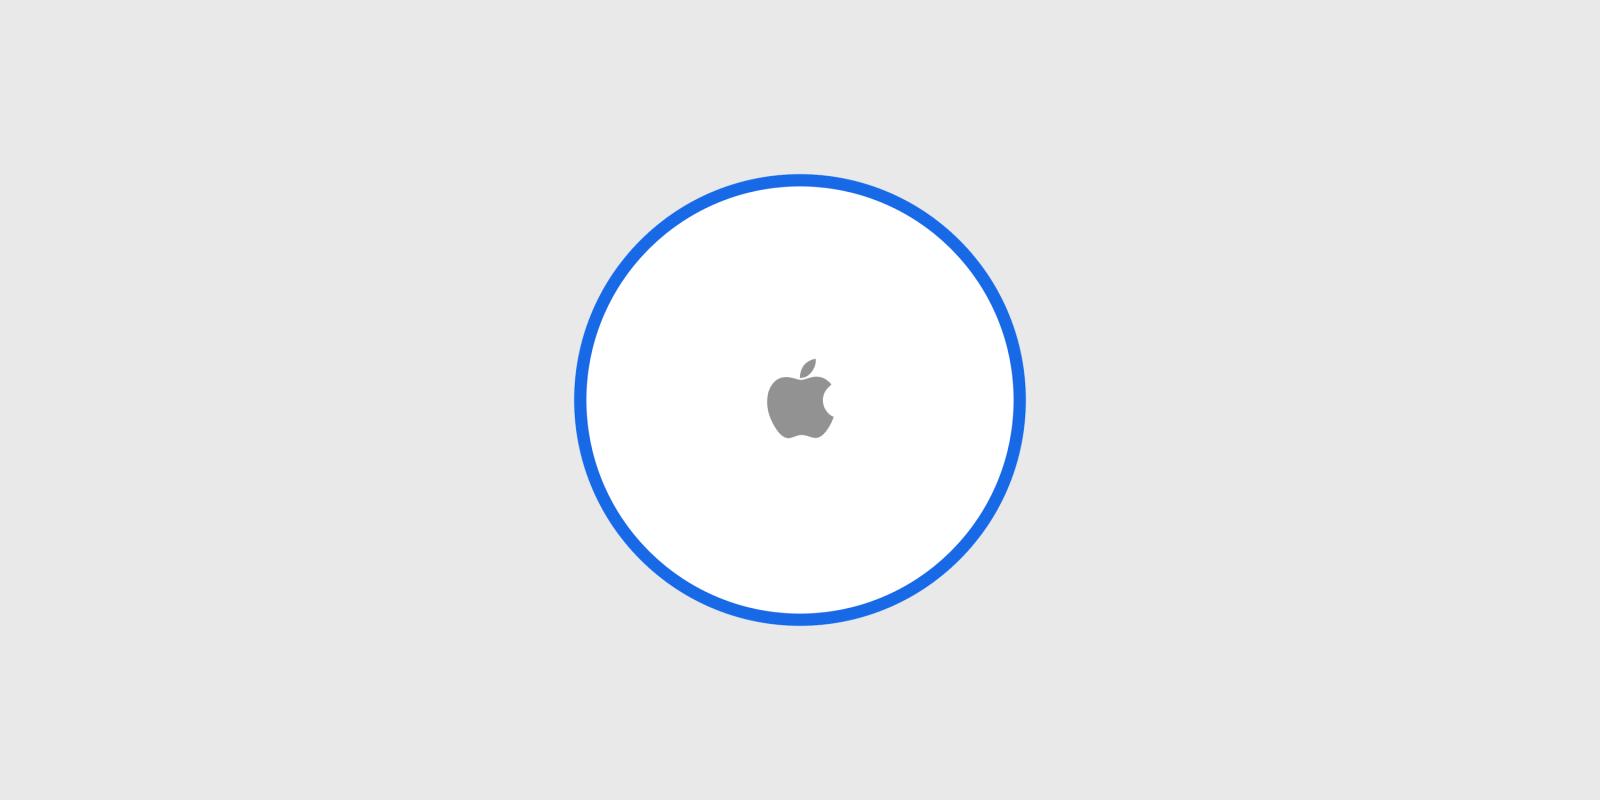 """Apple akan memproduksi """"ratusan juta"""" AirTags, menurut Ming-Chi Kuo 1"""